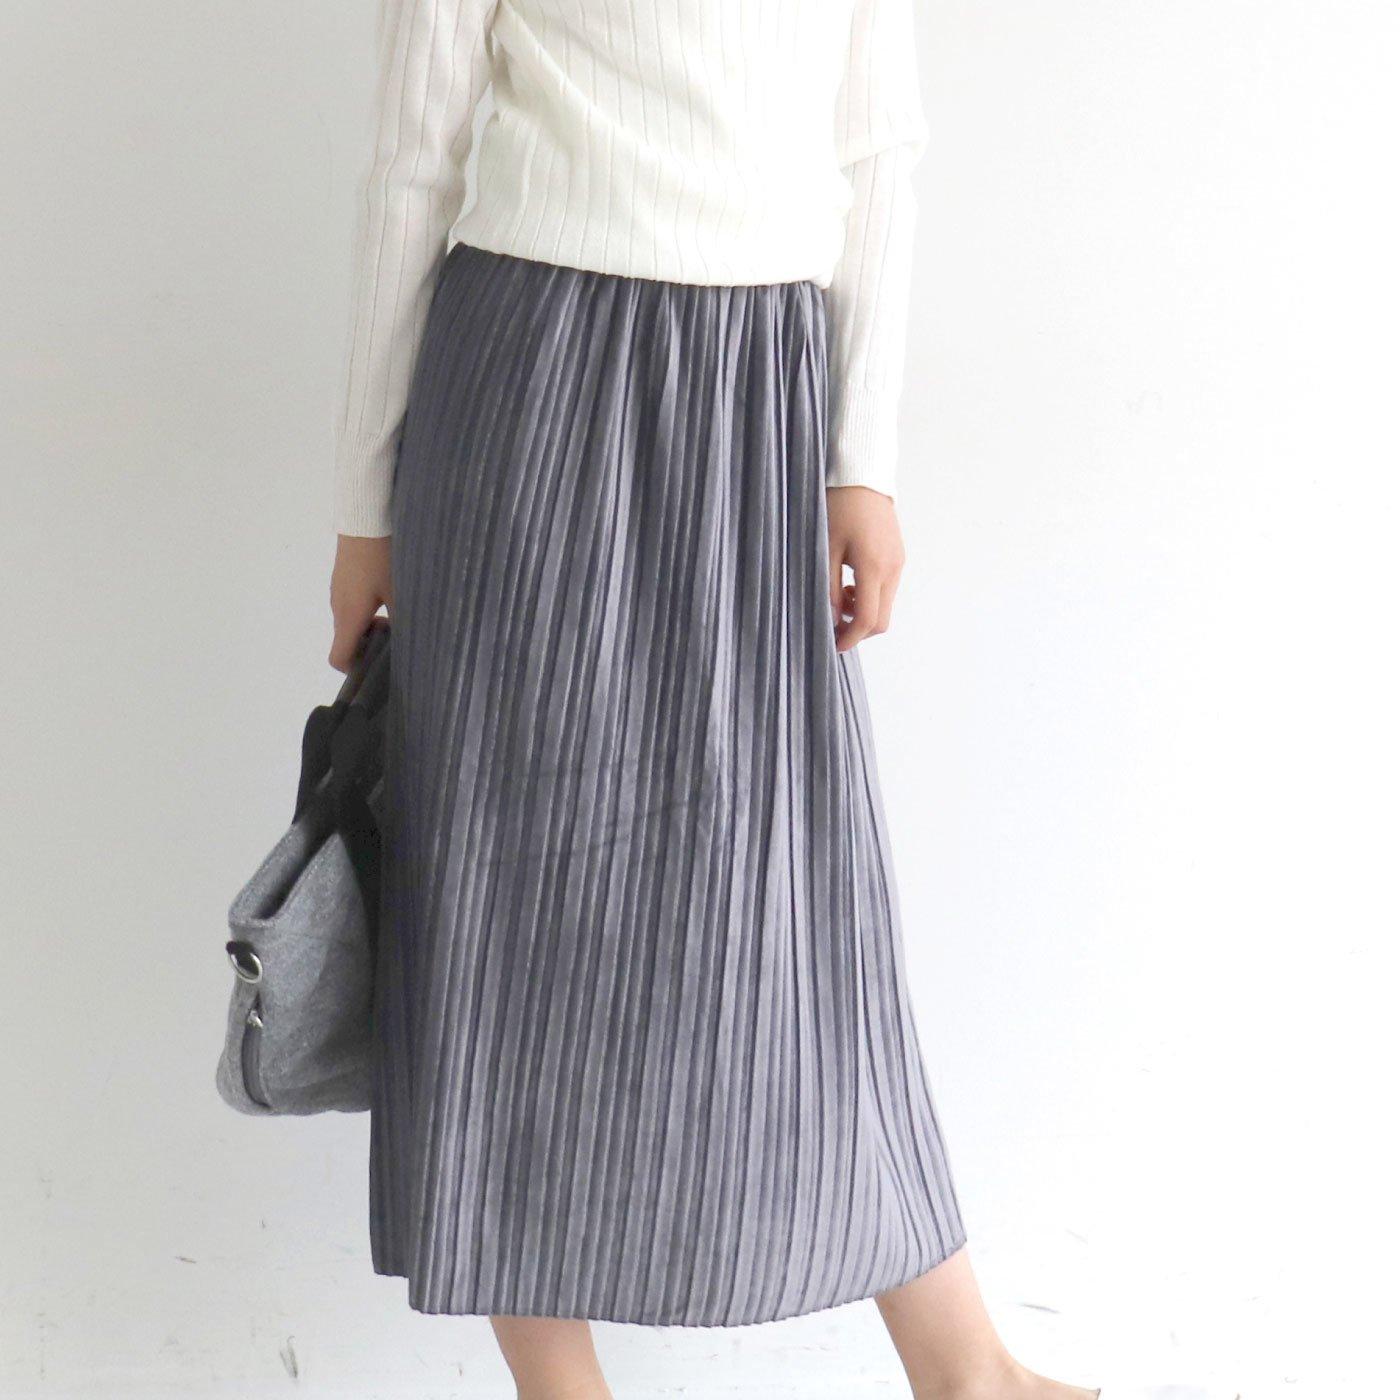 クローゼットカプリ 上品に使いまわせる ベロア調プリーツスカート